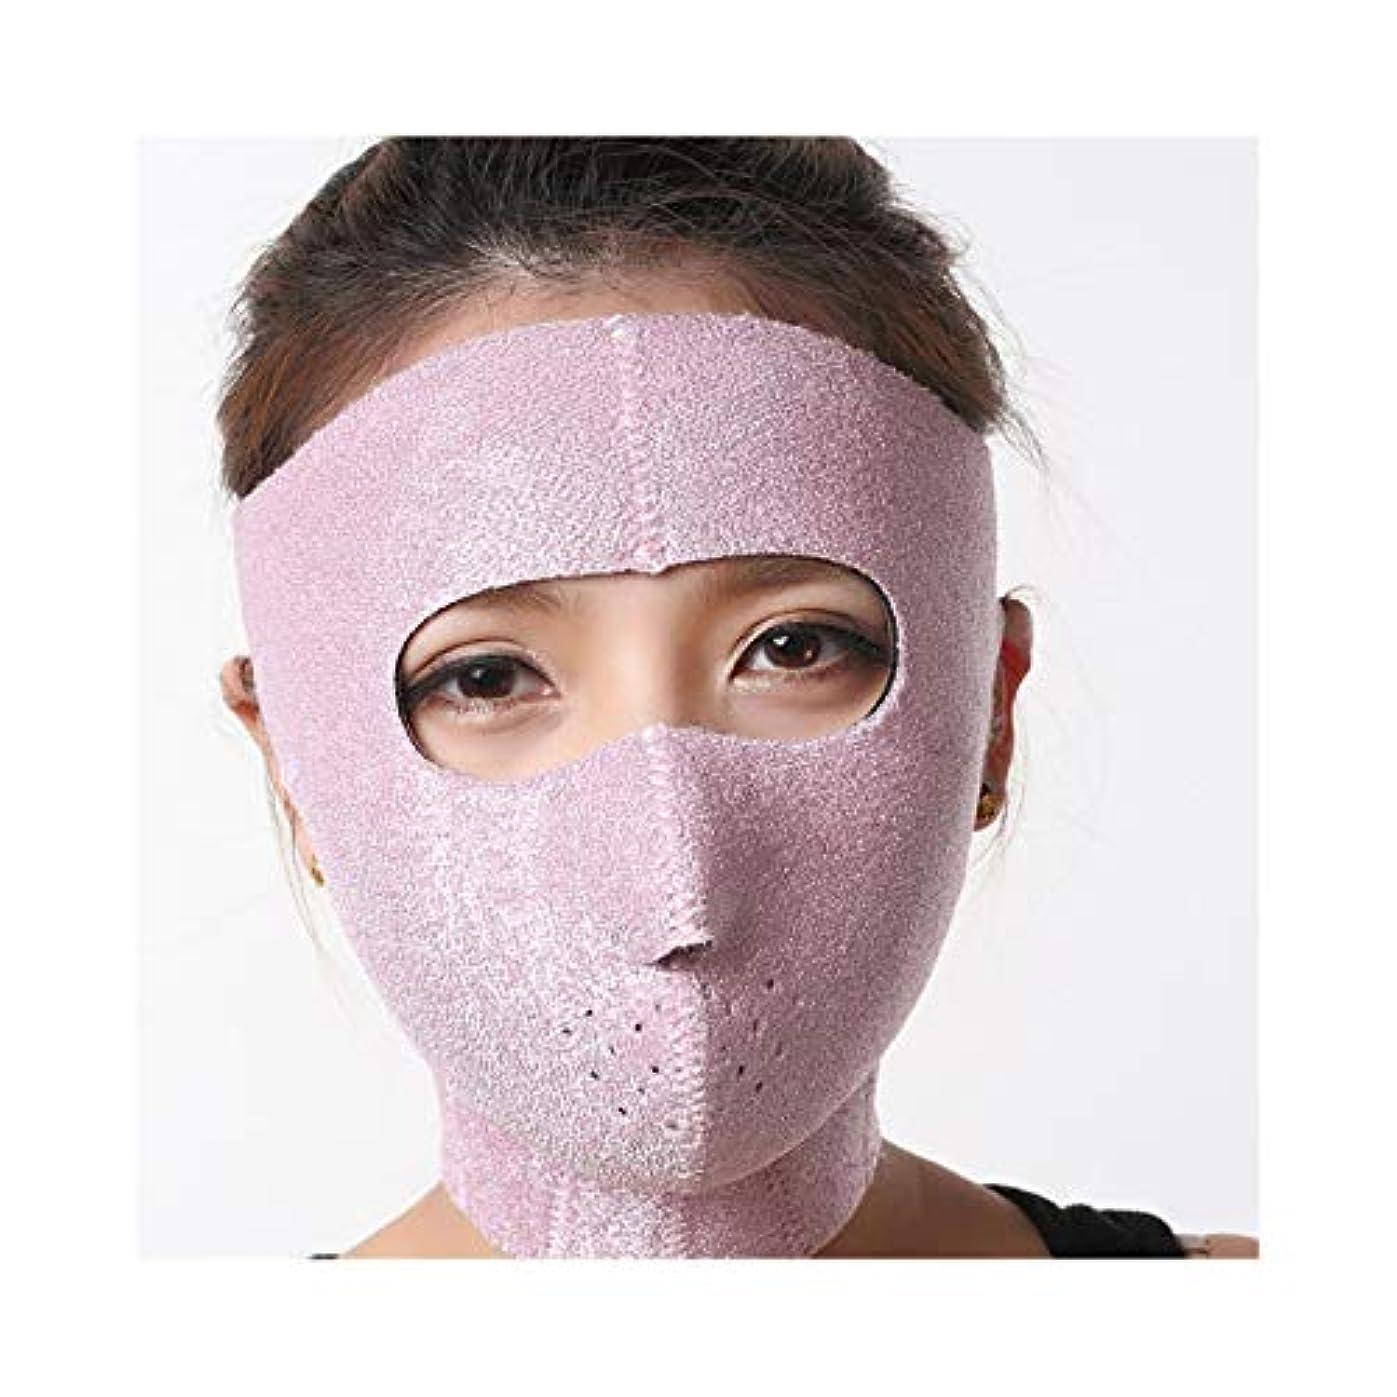 超高層ビル公爵コンドームGLJJQMY スリムベルトマスク薄い顔マスク睡眠薄い顔マスク薄い顔包帯薄い顔アーティファクト薄い顔薄い顔薄い顔小さいV顔睡眠薄い顔ベルト 顔用整形マスク